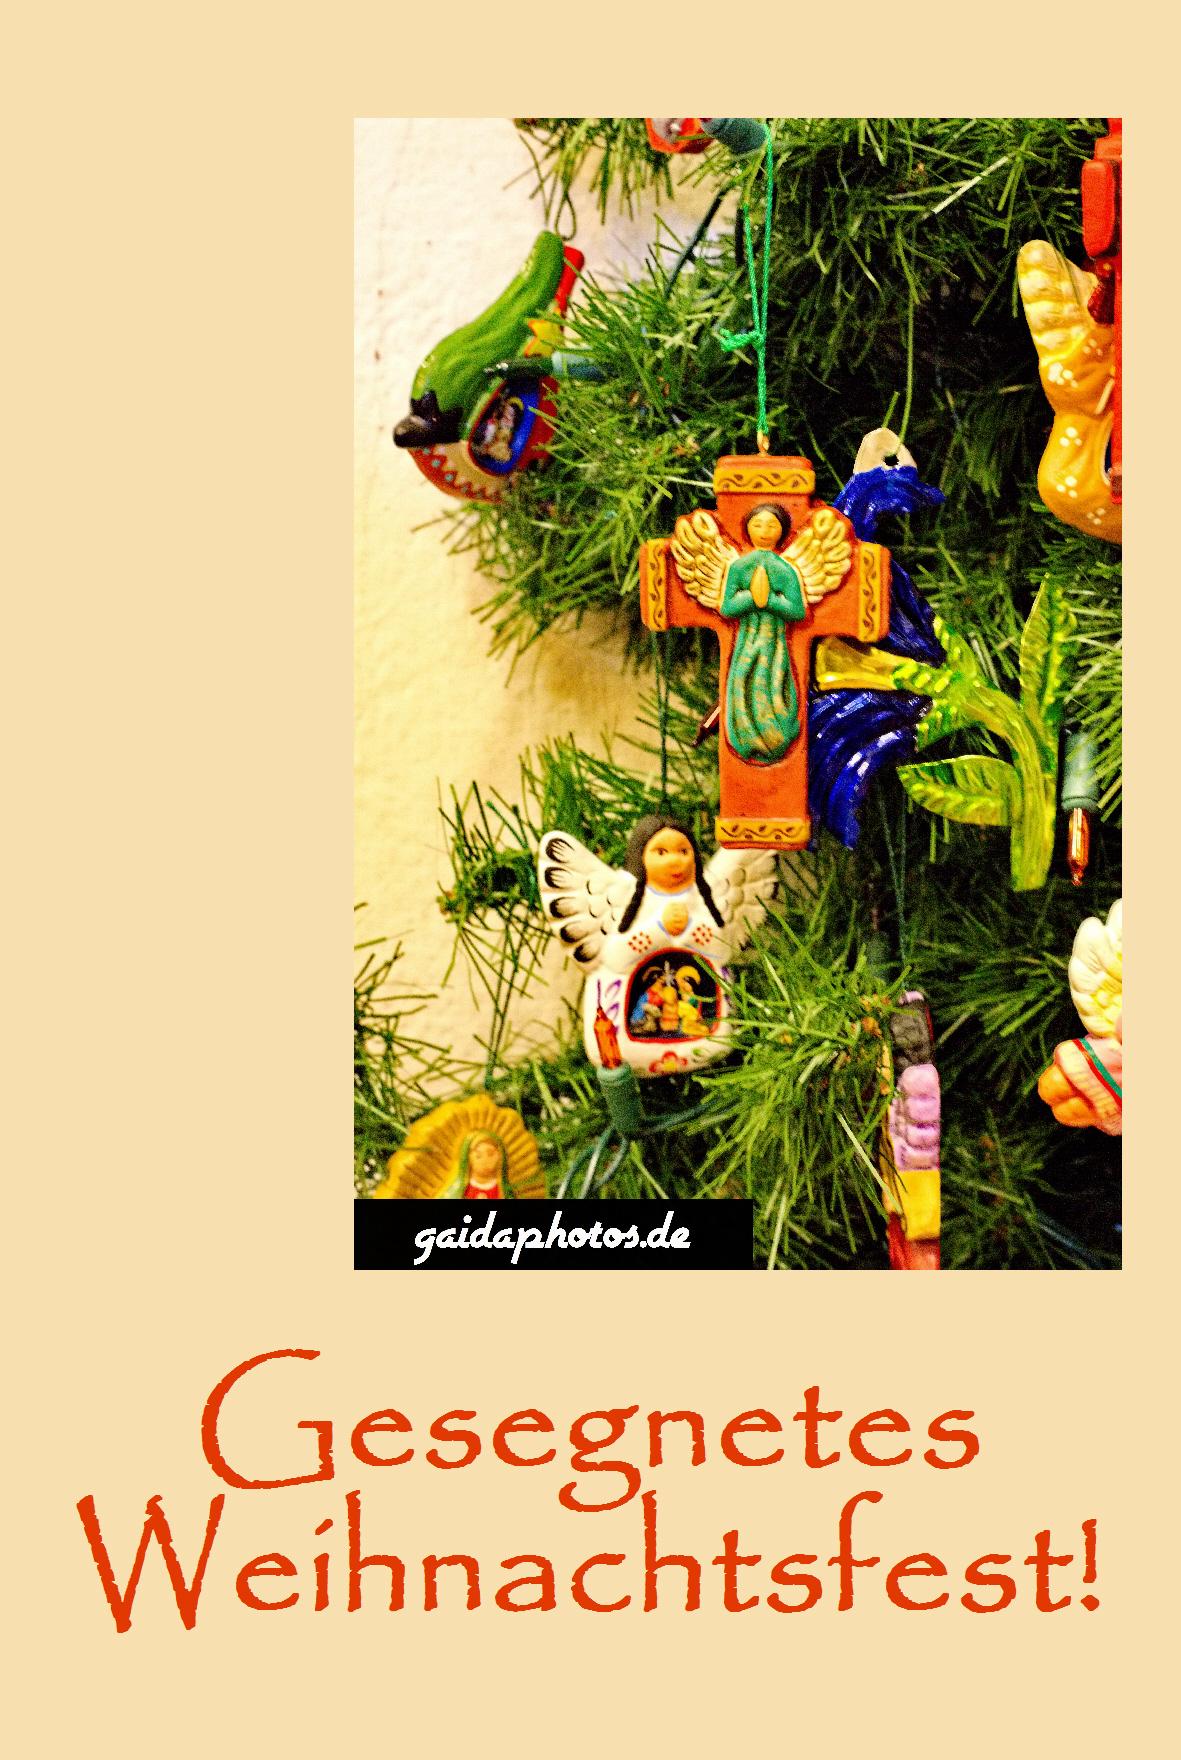 Kostenlose weihnachtskarte mit weihnachtsbaum - Kostenlose weihnachtskarten ...